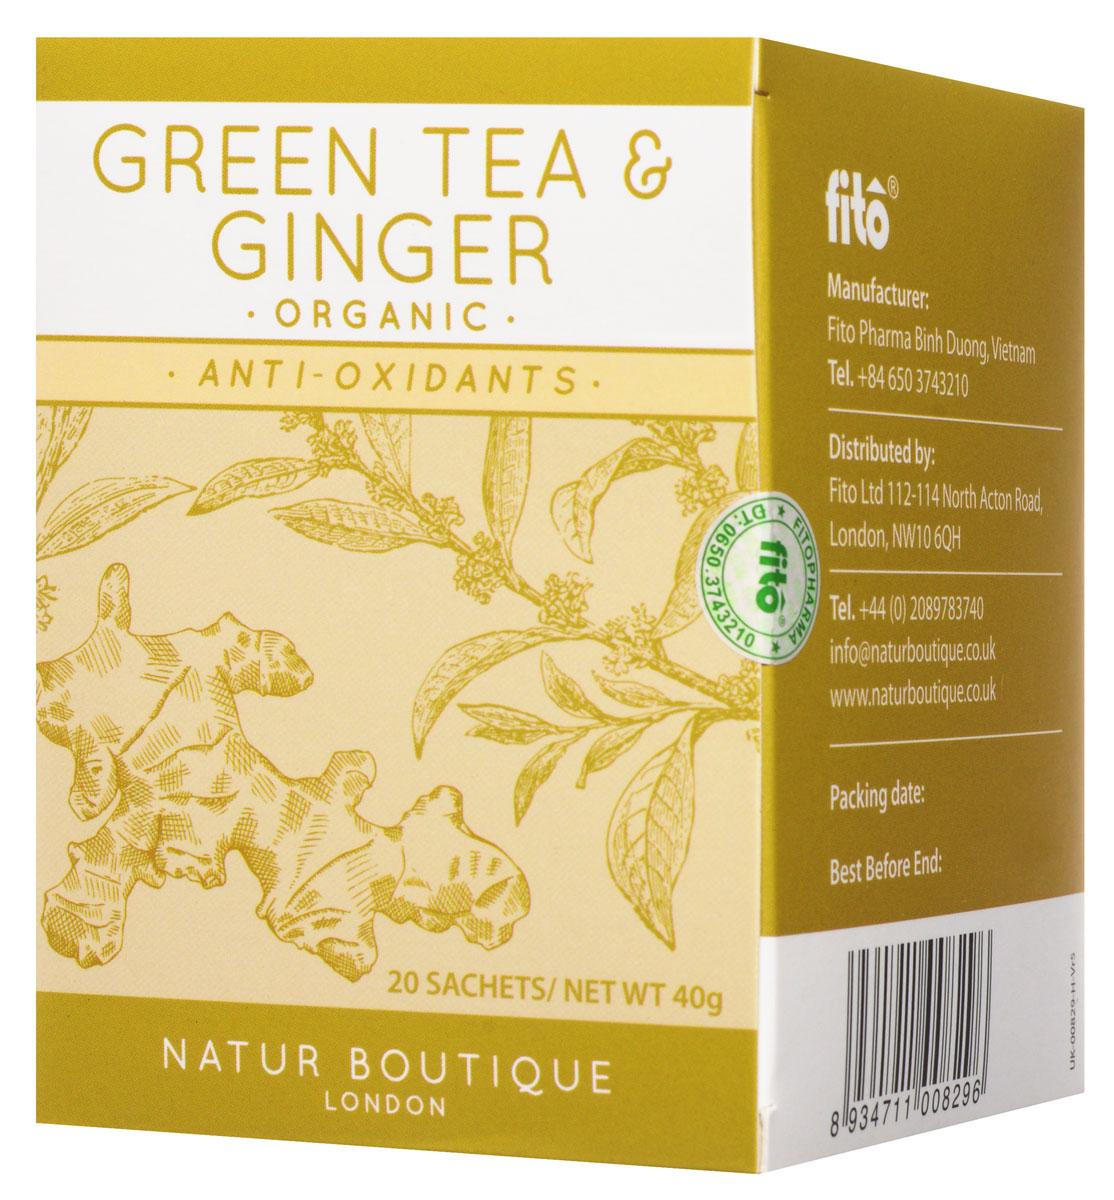 Natur Boutique Green Tea&Ginger Organic Tea органический зеленый чай с имбирем, 20 пакетиков0120710Органический зеленый чай Natur Boutique Green Tea&Ginger Organic Tea подарит вам отличный освежающий вкус. Выращенный на лучших северных плантациях Вьетнама с использованием самых высококачественных удобрений, он обладает прекрасными целебными свойствами и великолепно сочетает в себе превосходный аромат зеленого чая и имбиря. Производство ведется без использования химических добавок и ароматизаторов, что помогает достигать потрясающего натурального вкуса.В его состав входят только зеленый чай и имбирь. Добавление каких-либо примесей недопустимо. Данный товар имеет огромную пользу для каждого человека, ведь употребление этого чая поспособствует повышению умственных и физических показателей организма, а также значительному улучшению его тонуса. Повышенное содержание антиоксидантов позволяет достигать великолепных результатов и очищать организм от вредоносного воздействия загрязнённой окружающей среды. Natur Boutique также прекрасно восстанавливает метаболизм и корректирует вес, что самым лучшим образом отразится на здоровье каждого человека, а содержащийся в нем имбирь улучшает пищеварение, освежает и отлично помогает при простуде.